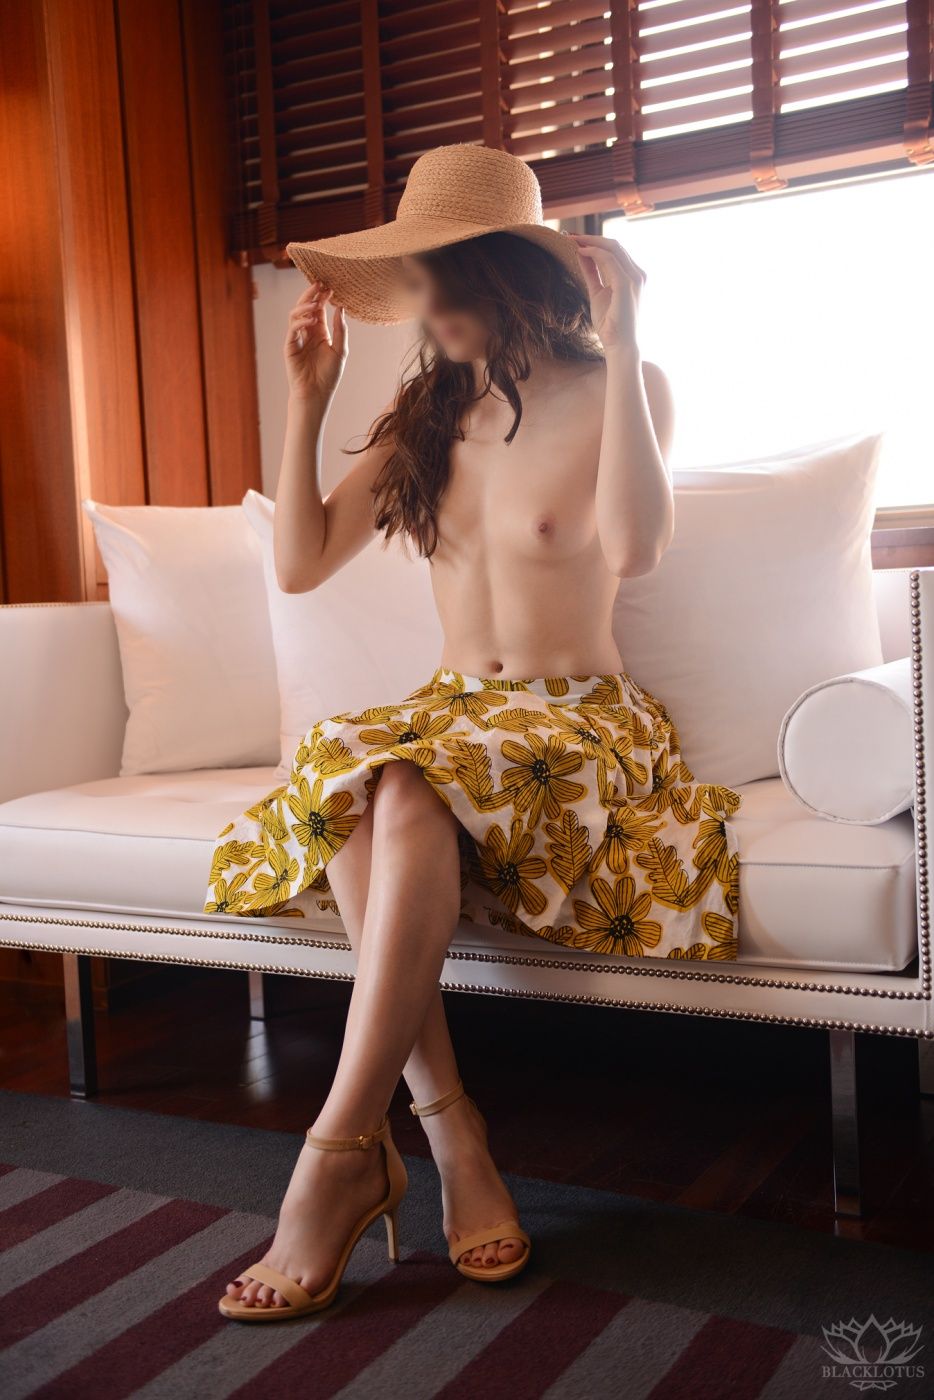 Audrey Blake